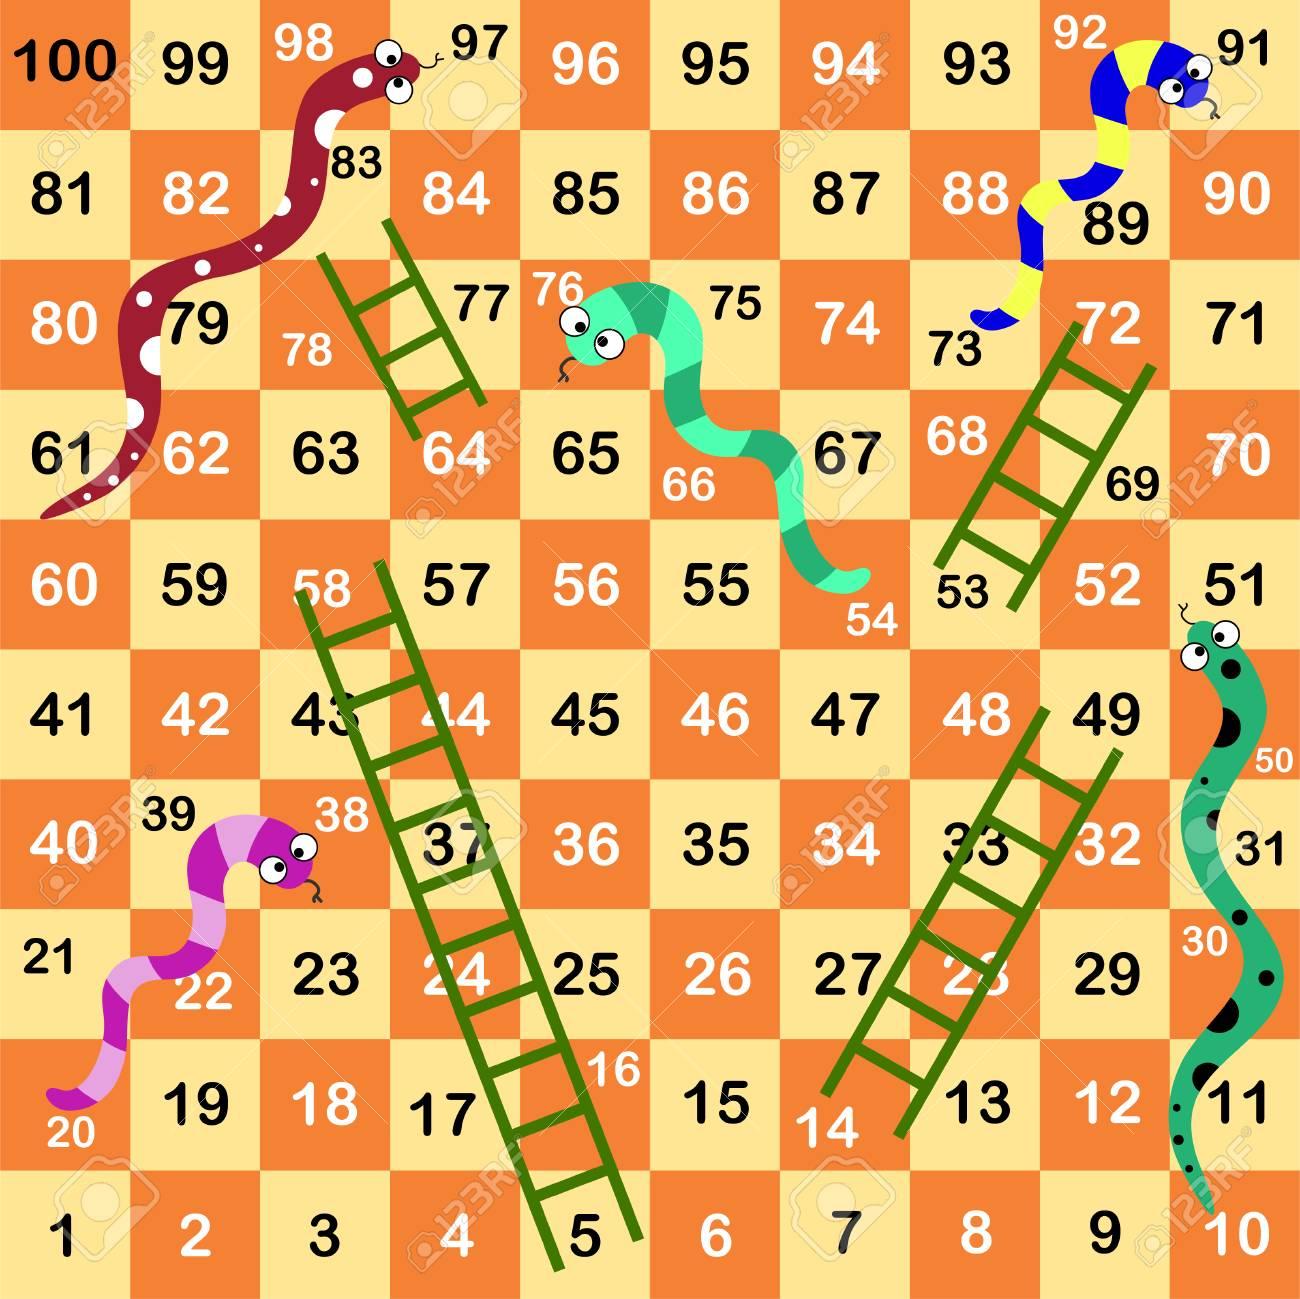 el juego de la serpiente